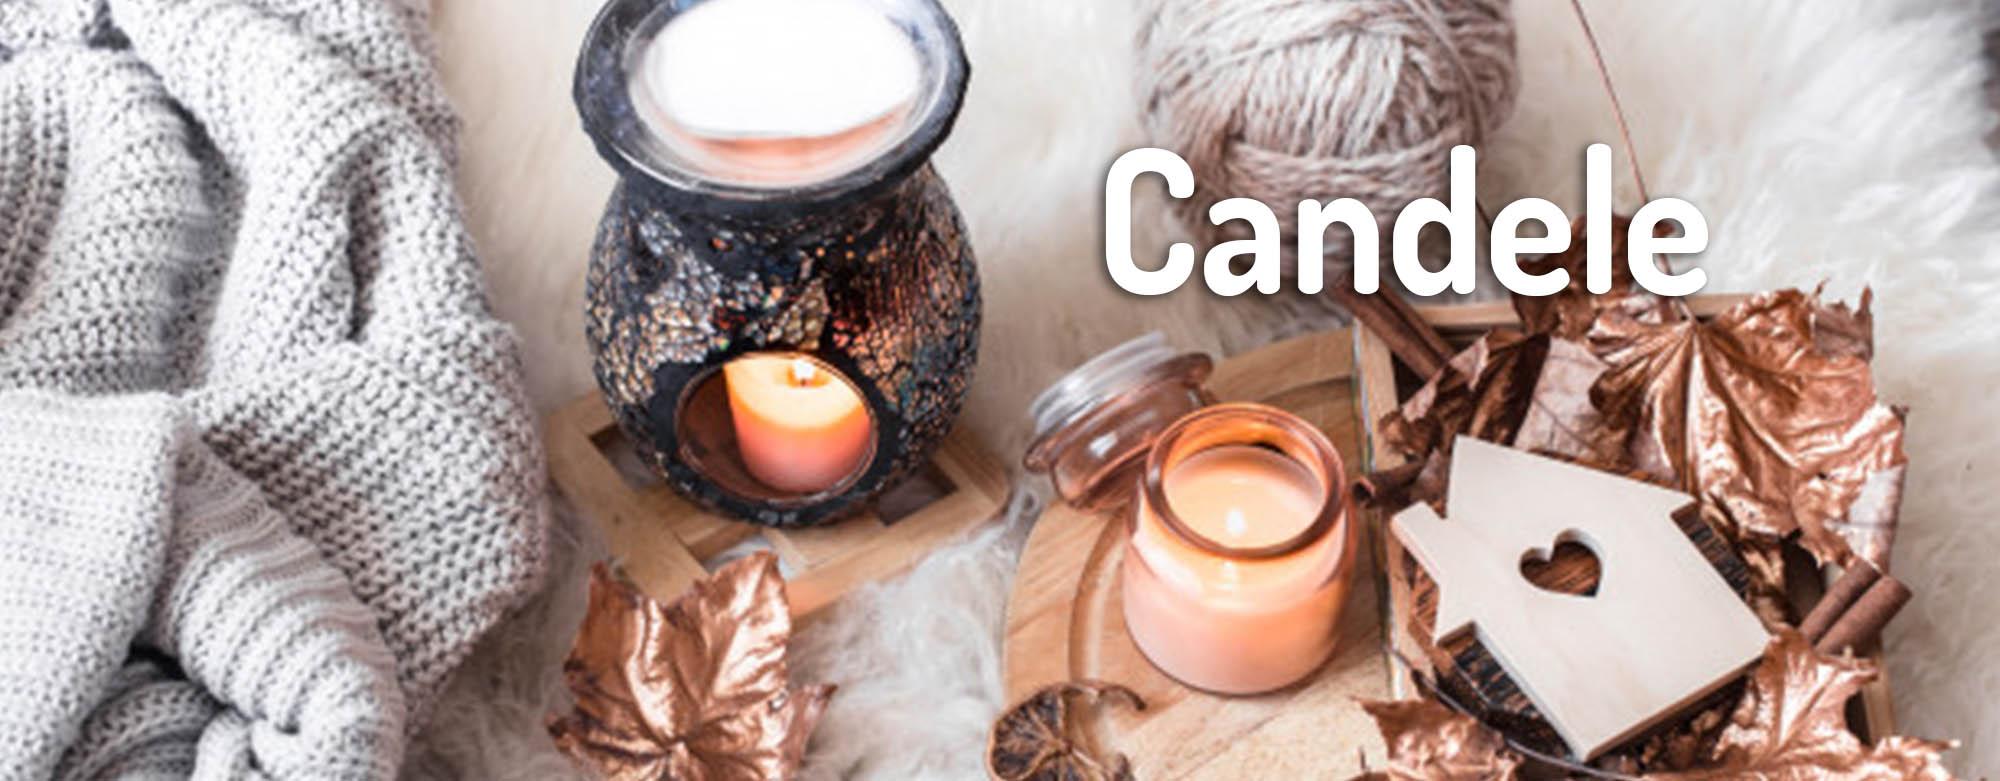 banner categoria candele